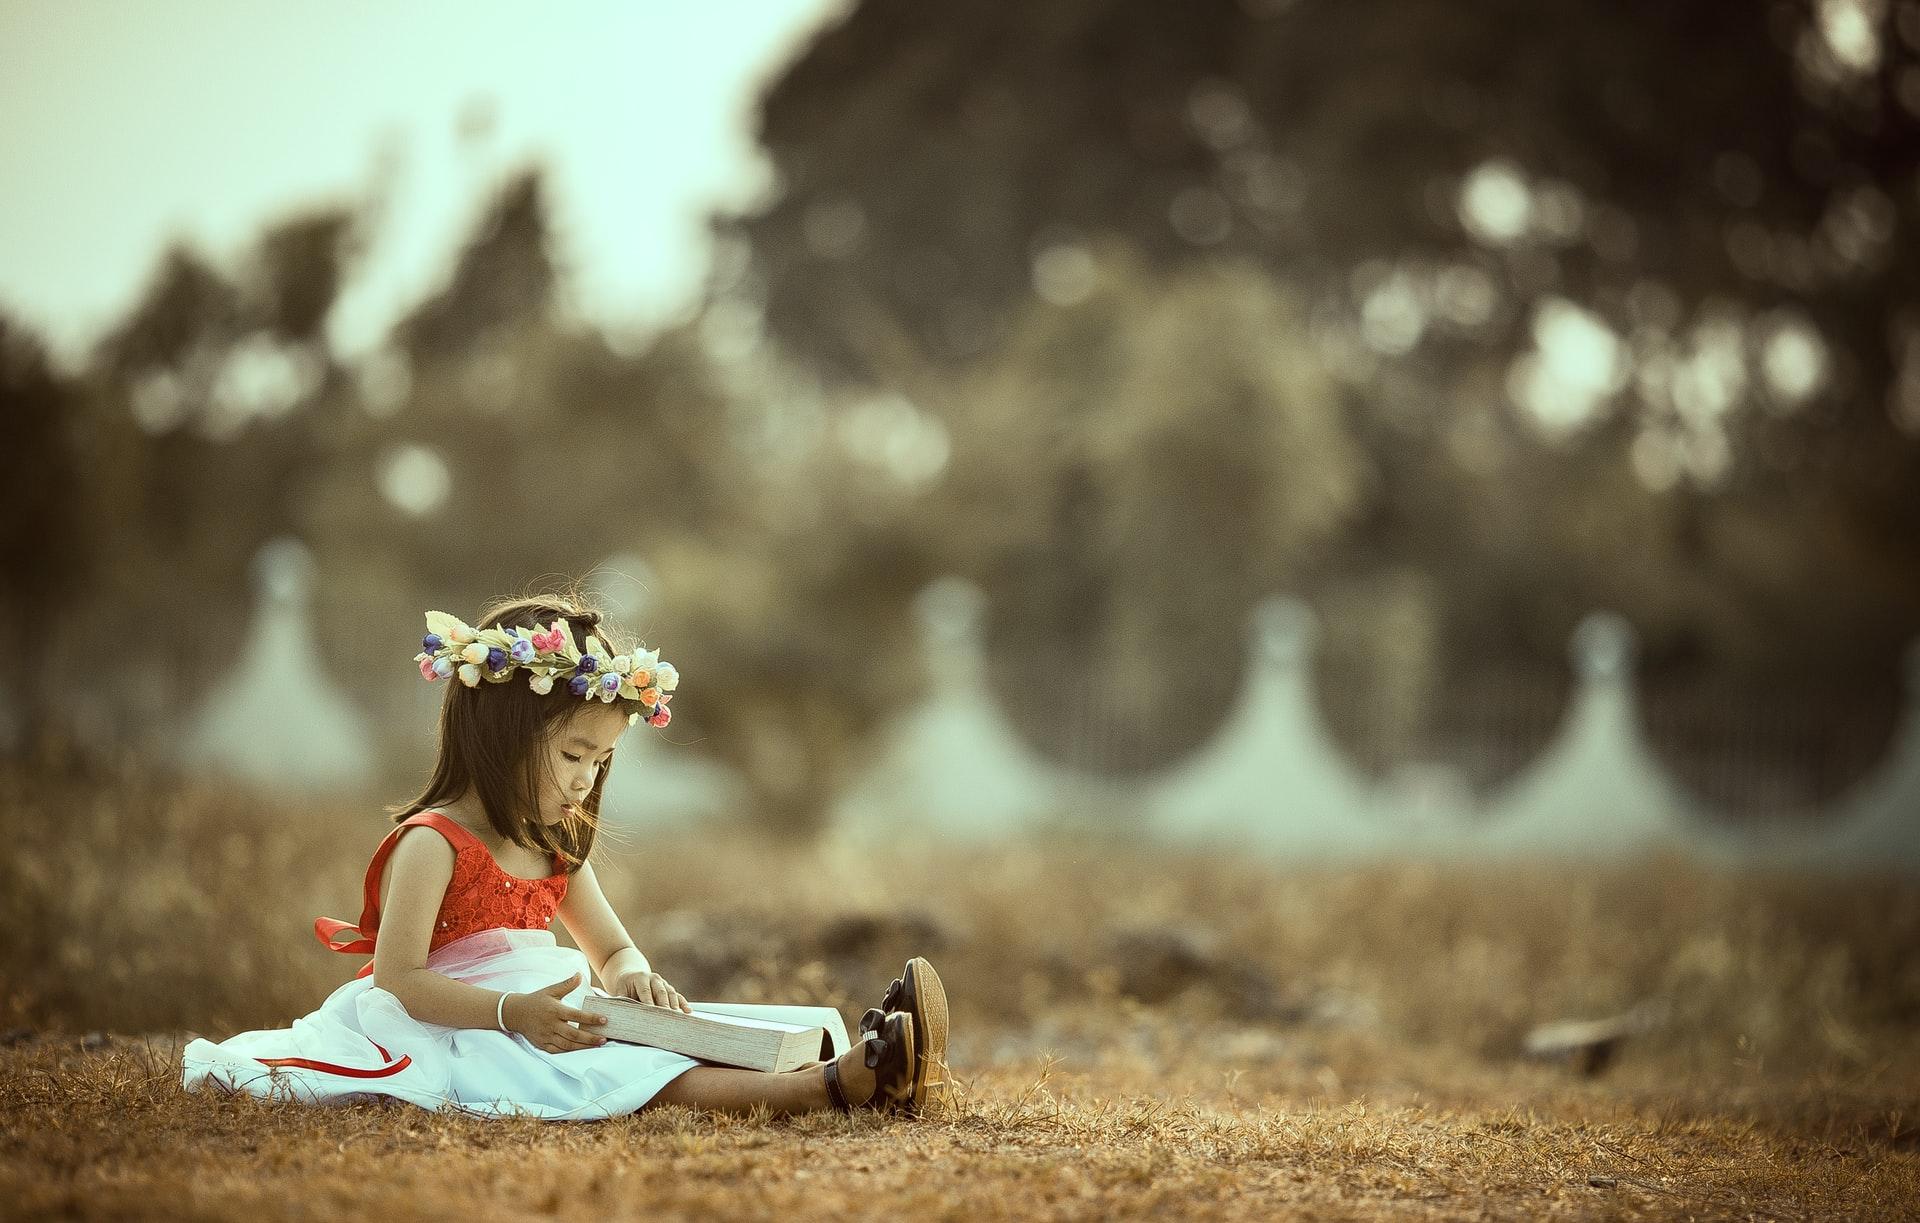 日本における児童労働の現状